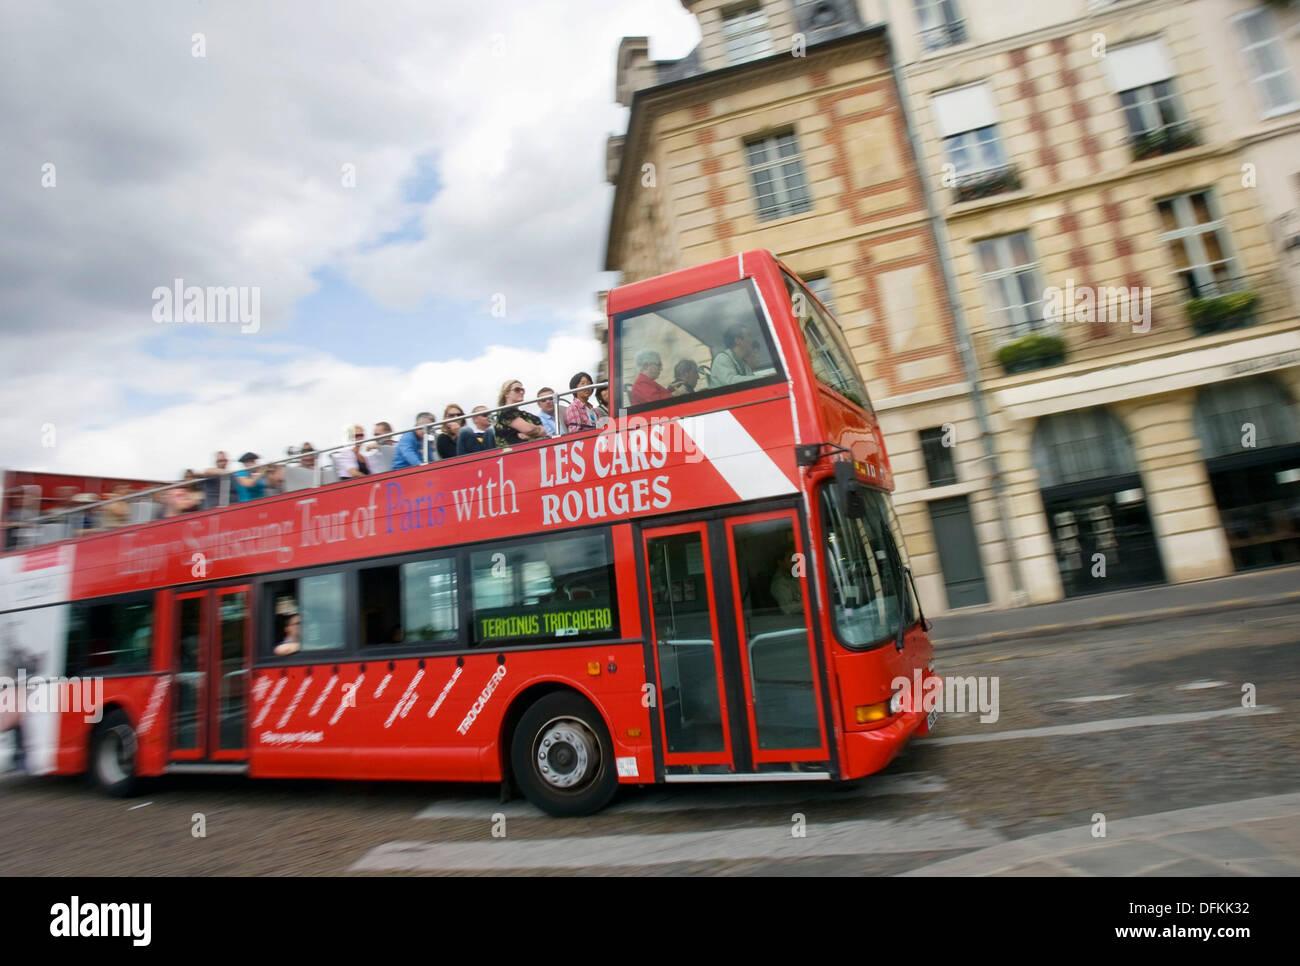 tour bus paris stock photos tour bus paris stock images. Black Bedroom Furniture Sets. Home Design Ideas